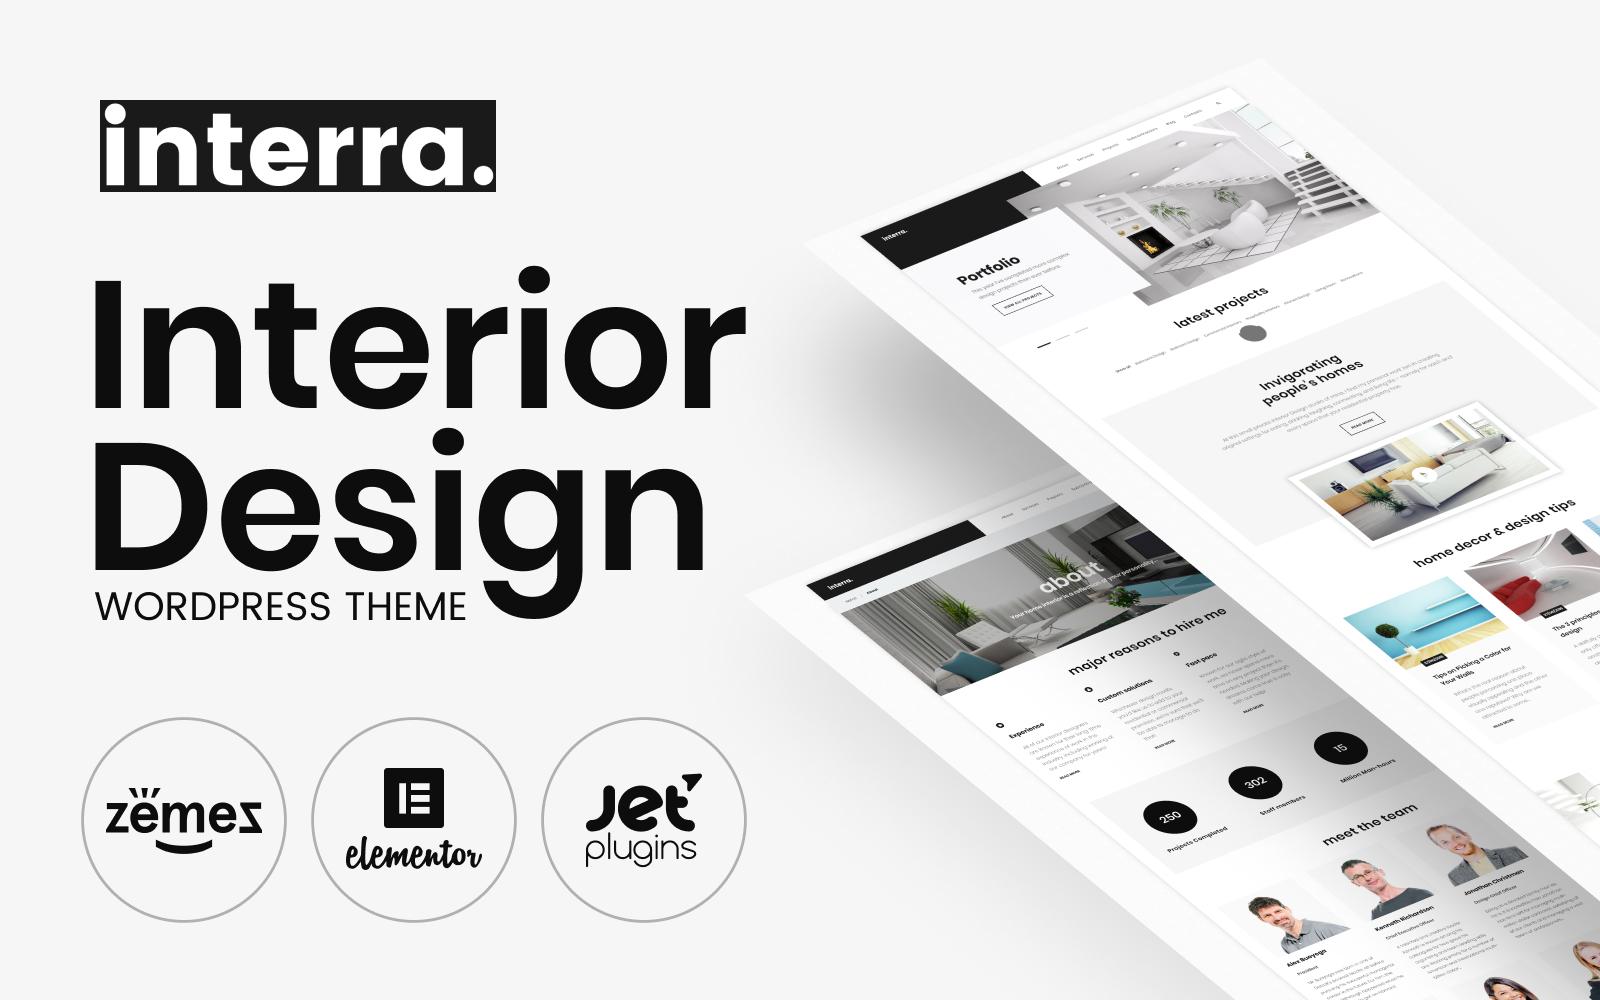 Reszponzív Interra - Interior Designer Portfolio WordPress sablon 62042